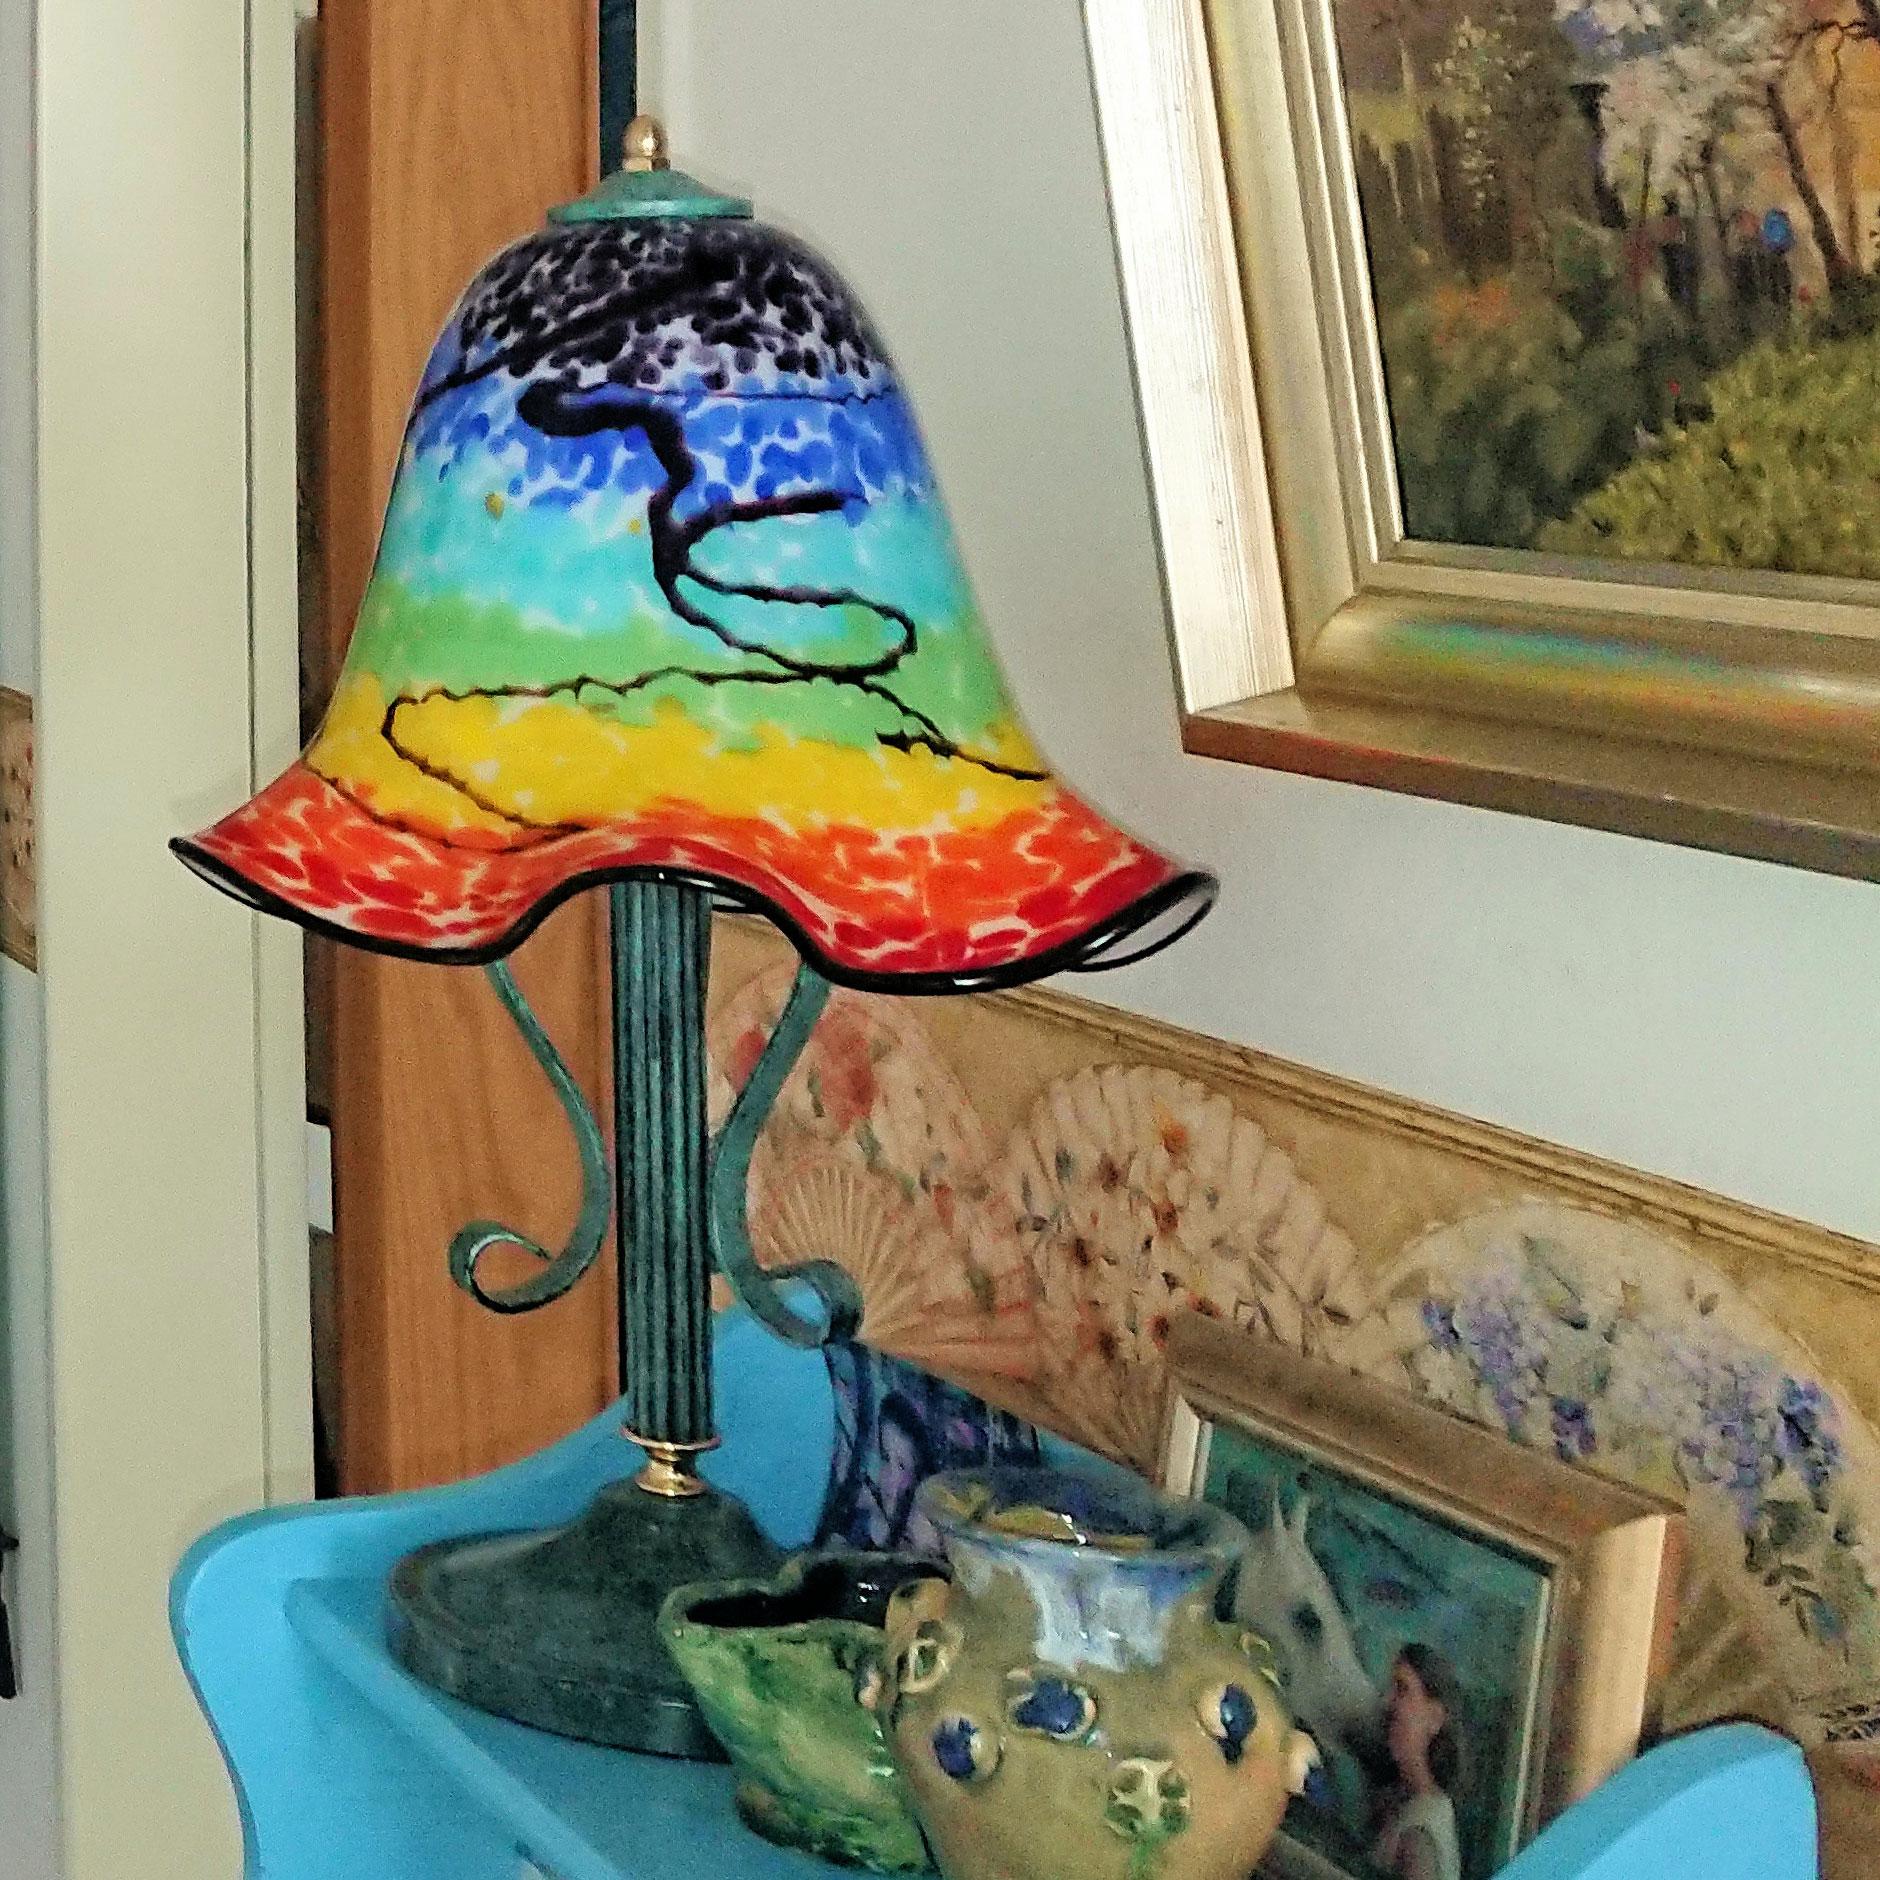 Herzlichen Dank liebe Frau Brenda, für das tolle Foto unseres Lampenschirms. Einen passenden Lampenfuss hatten Sie ja bereits.